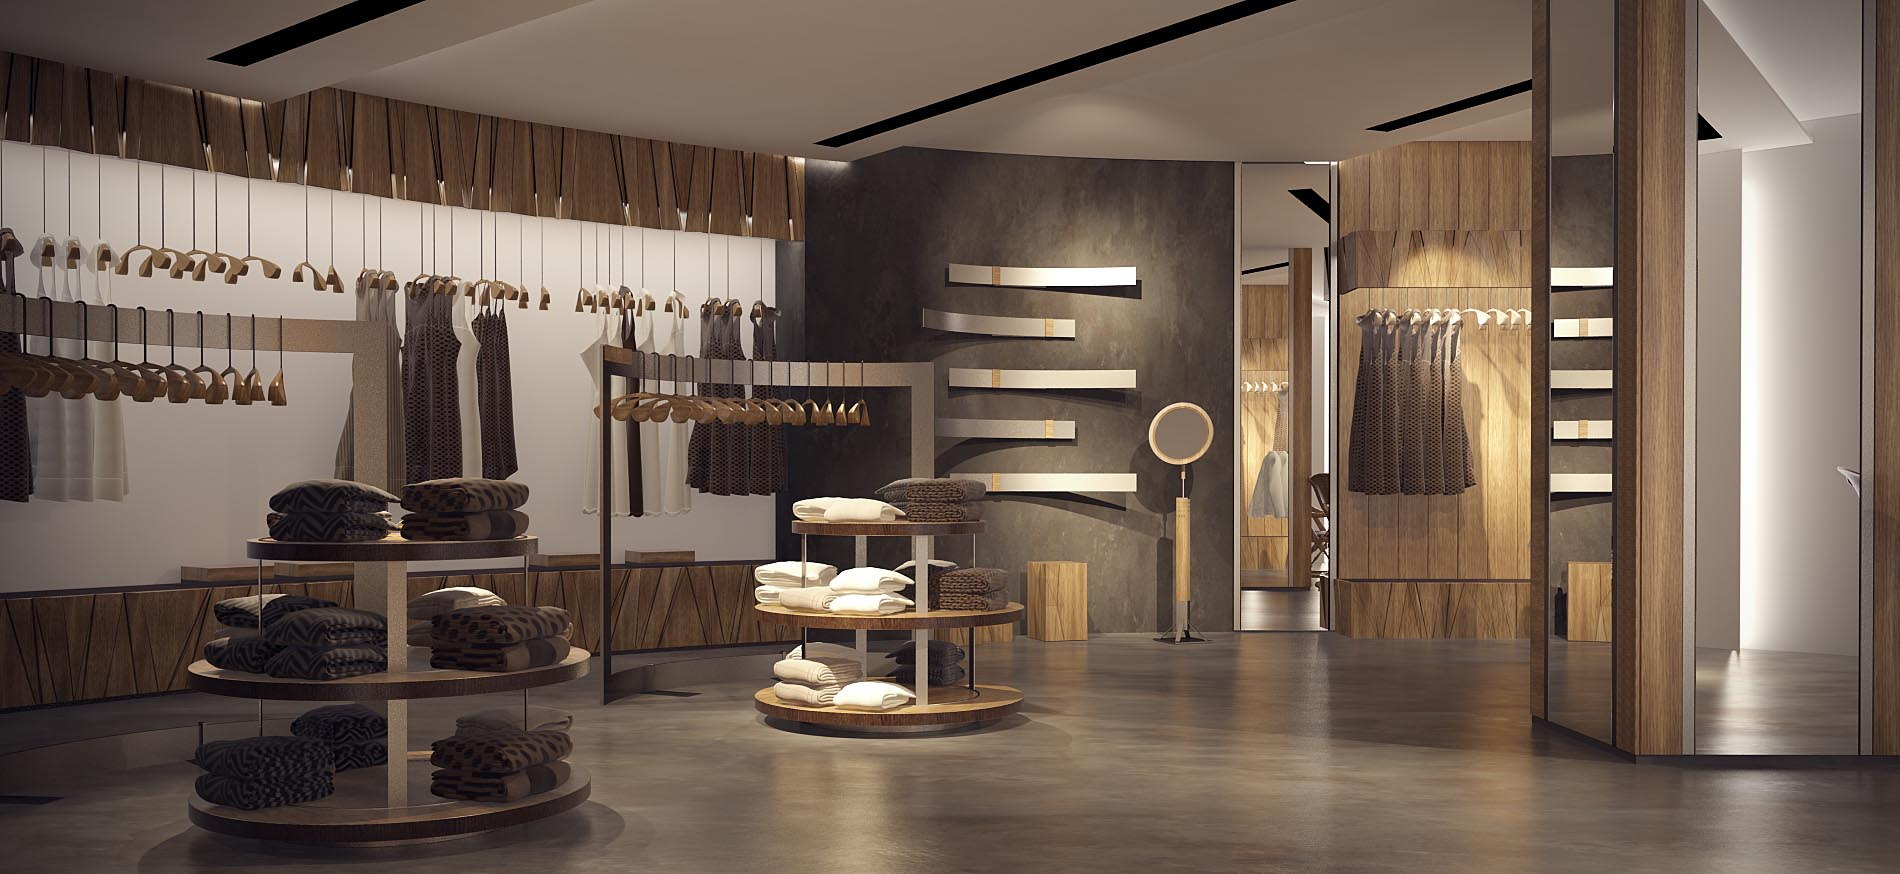 Фото дизайна магазина